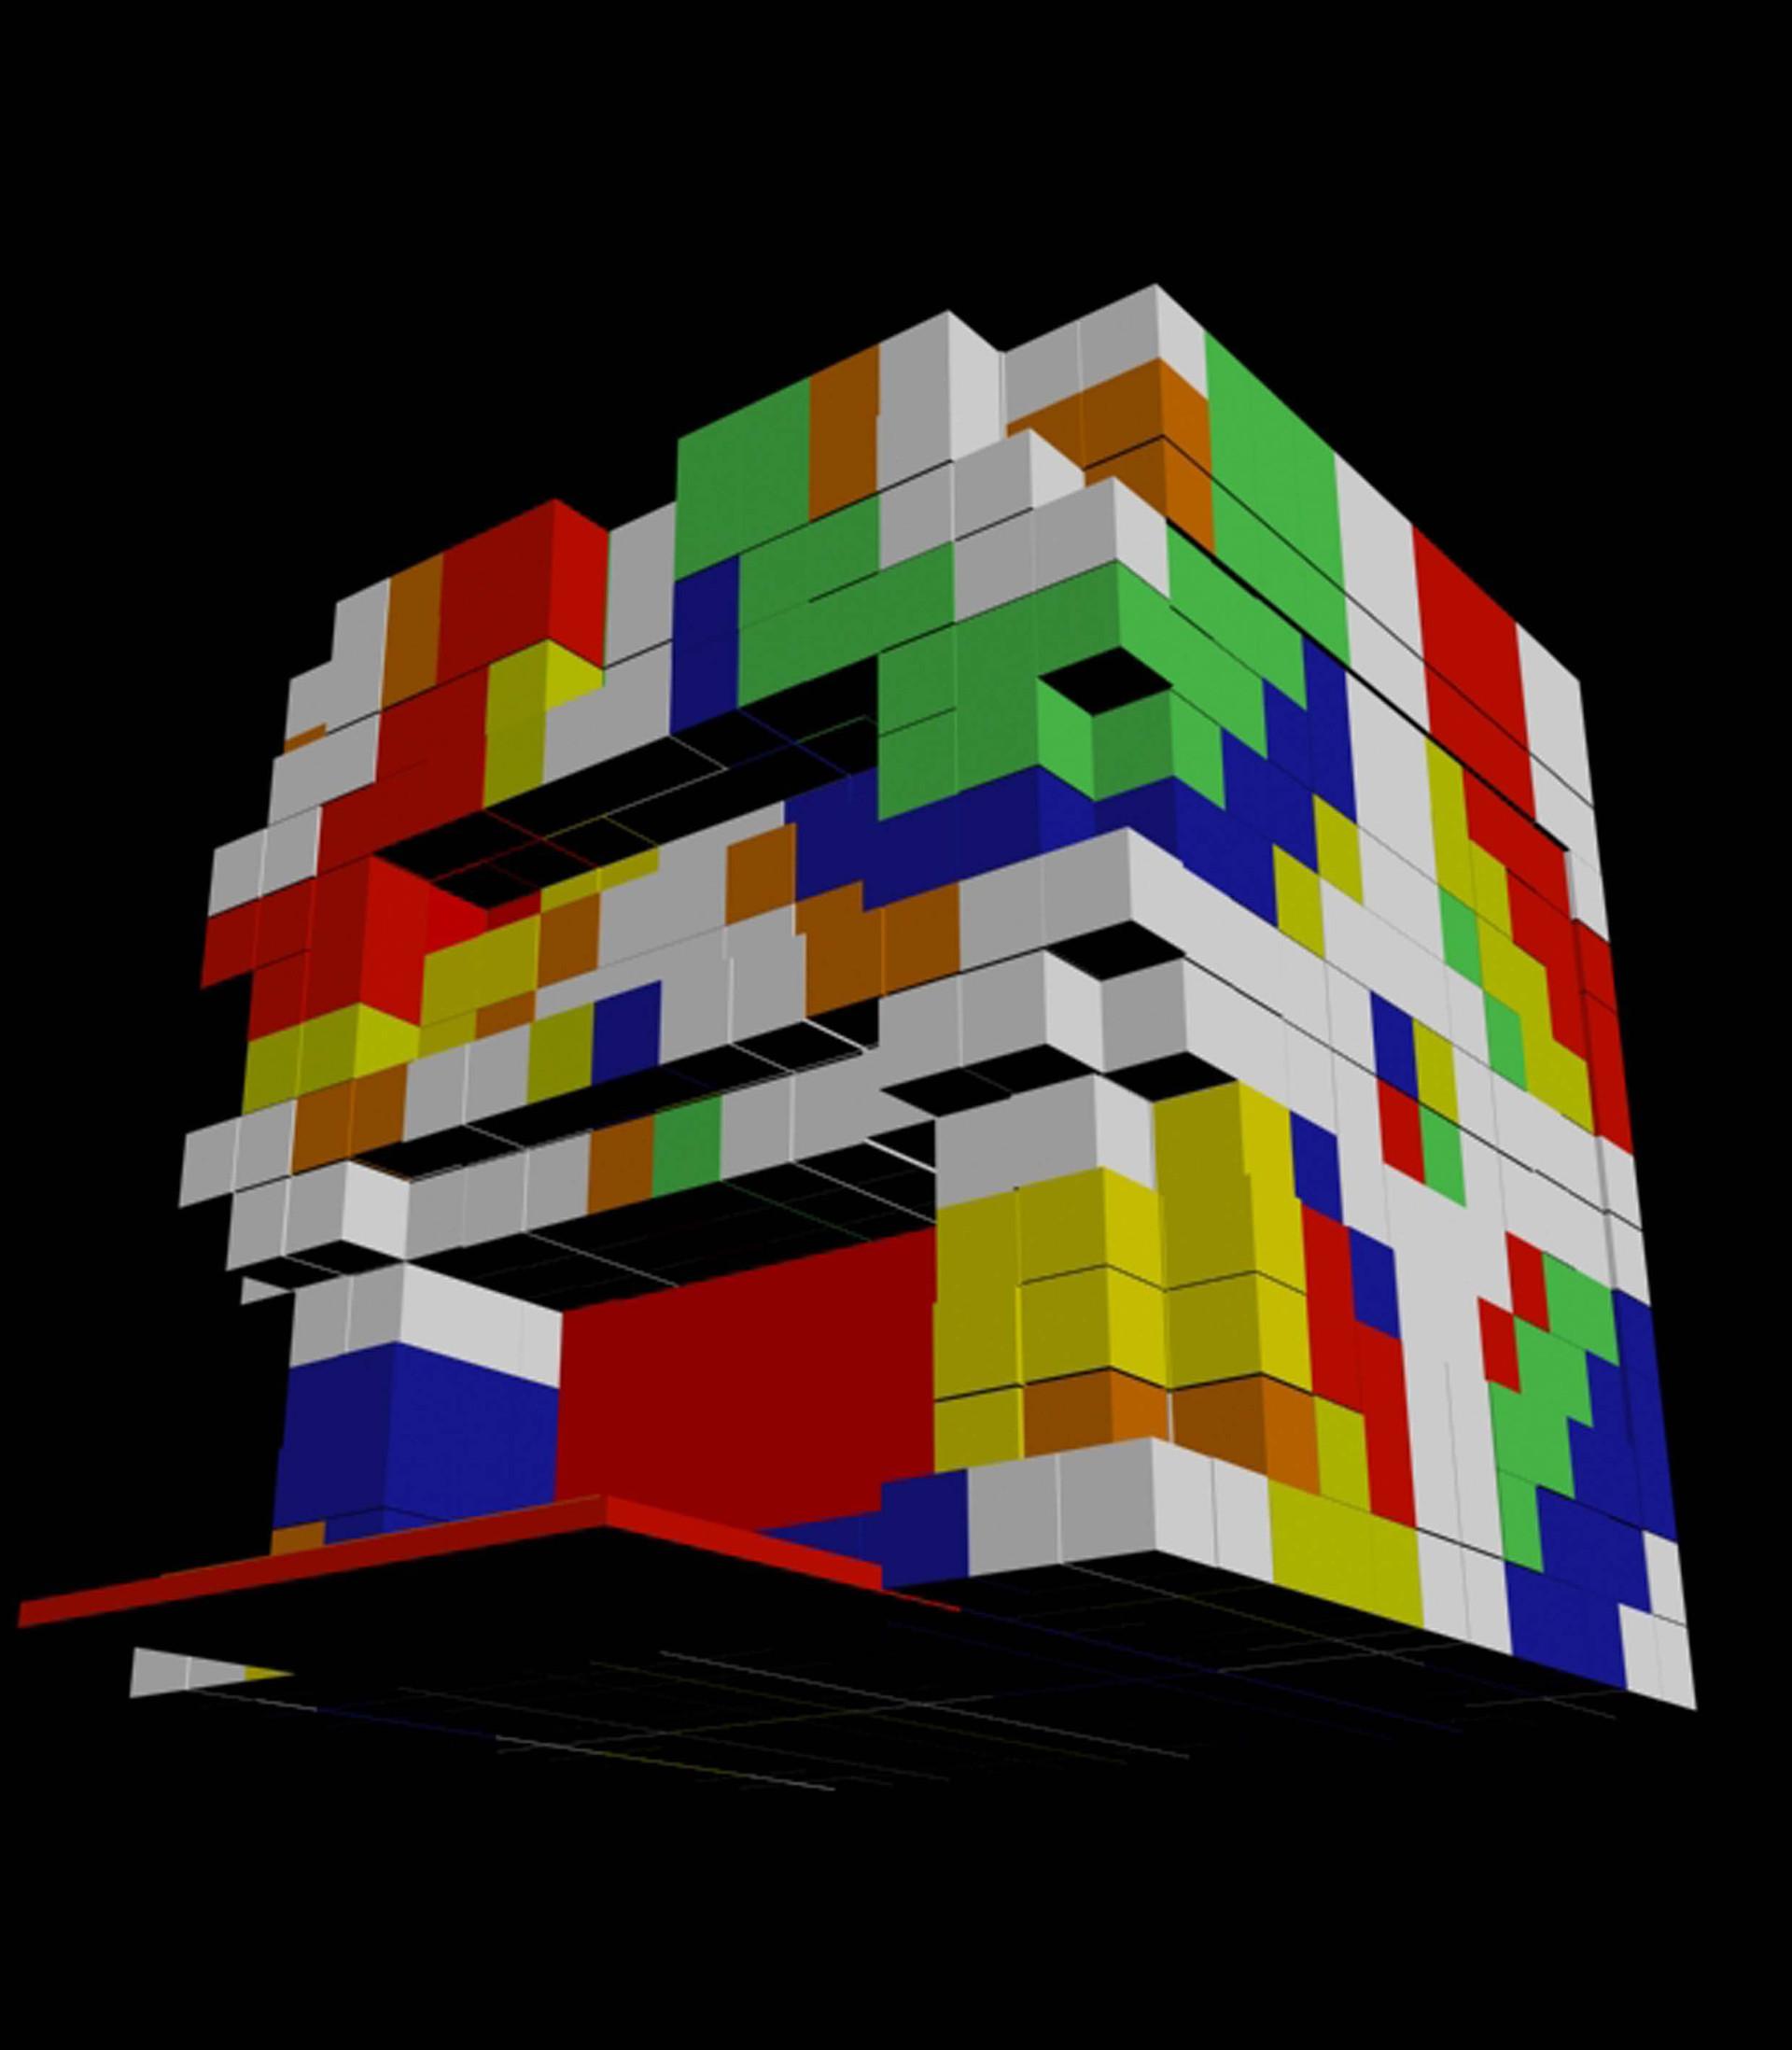 Magic cube 3.jpg